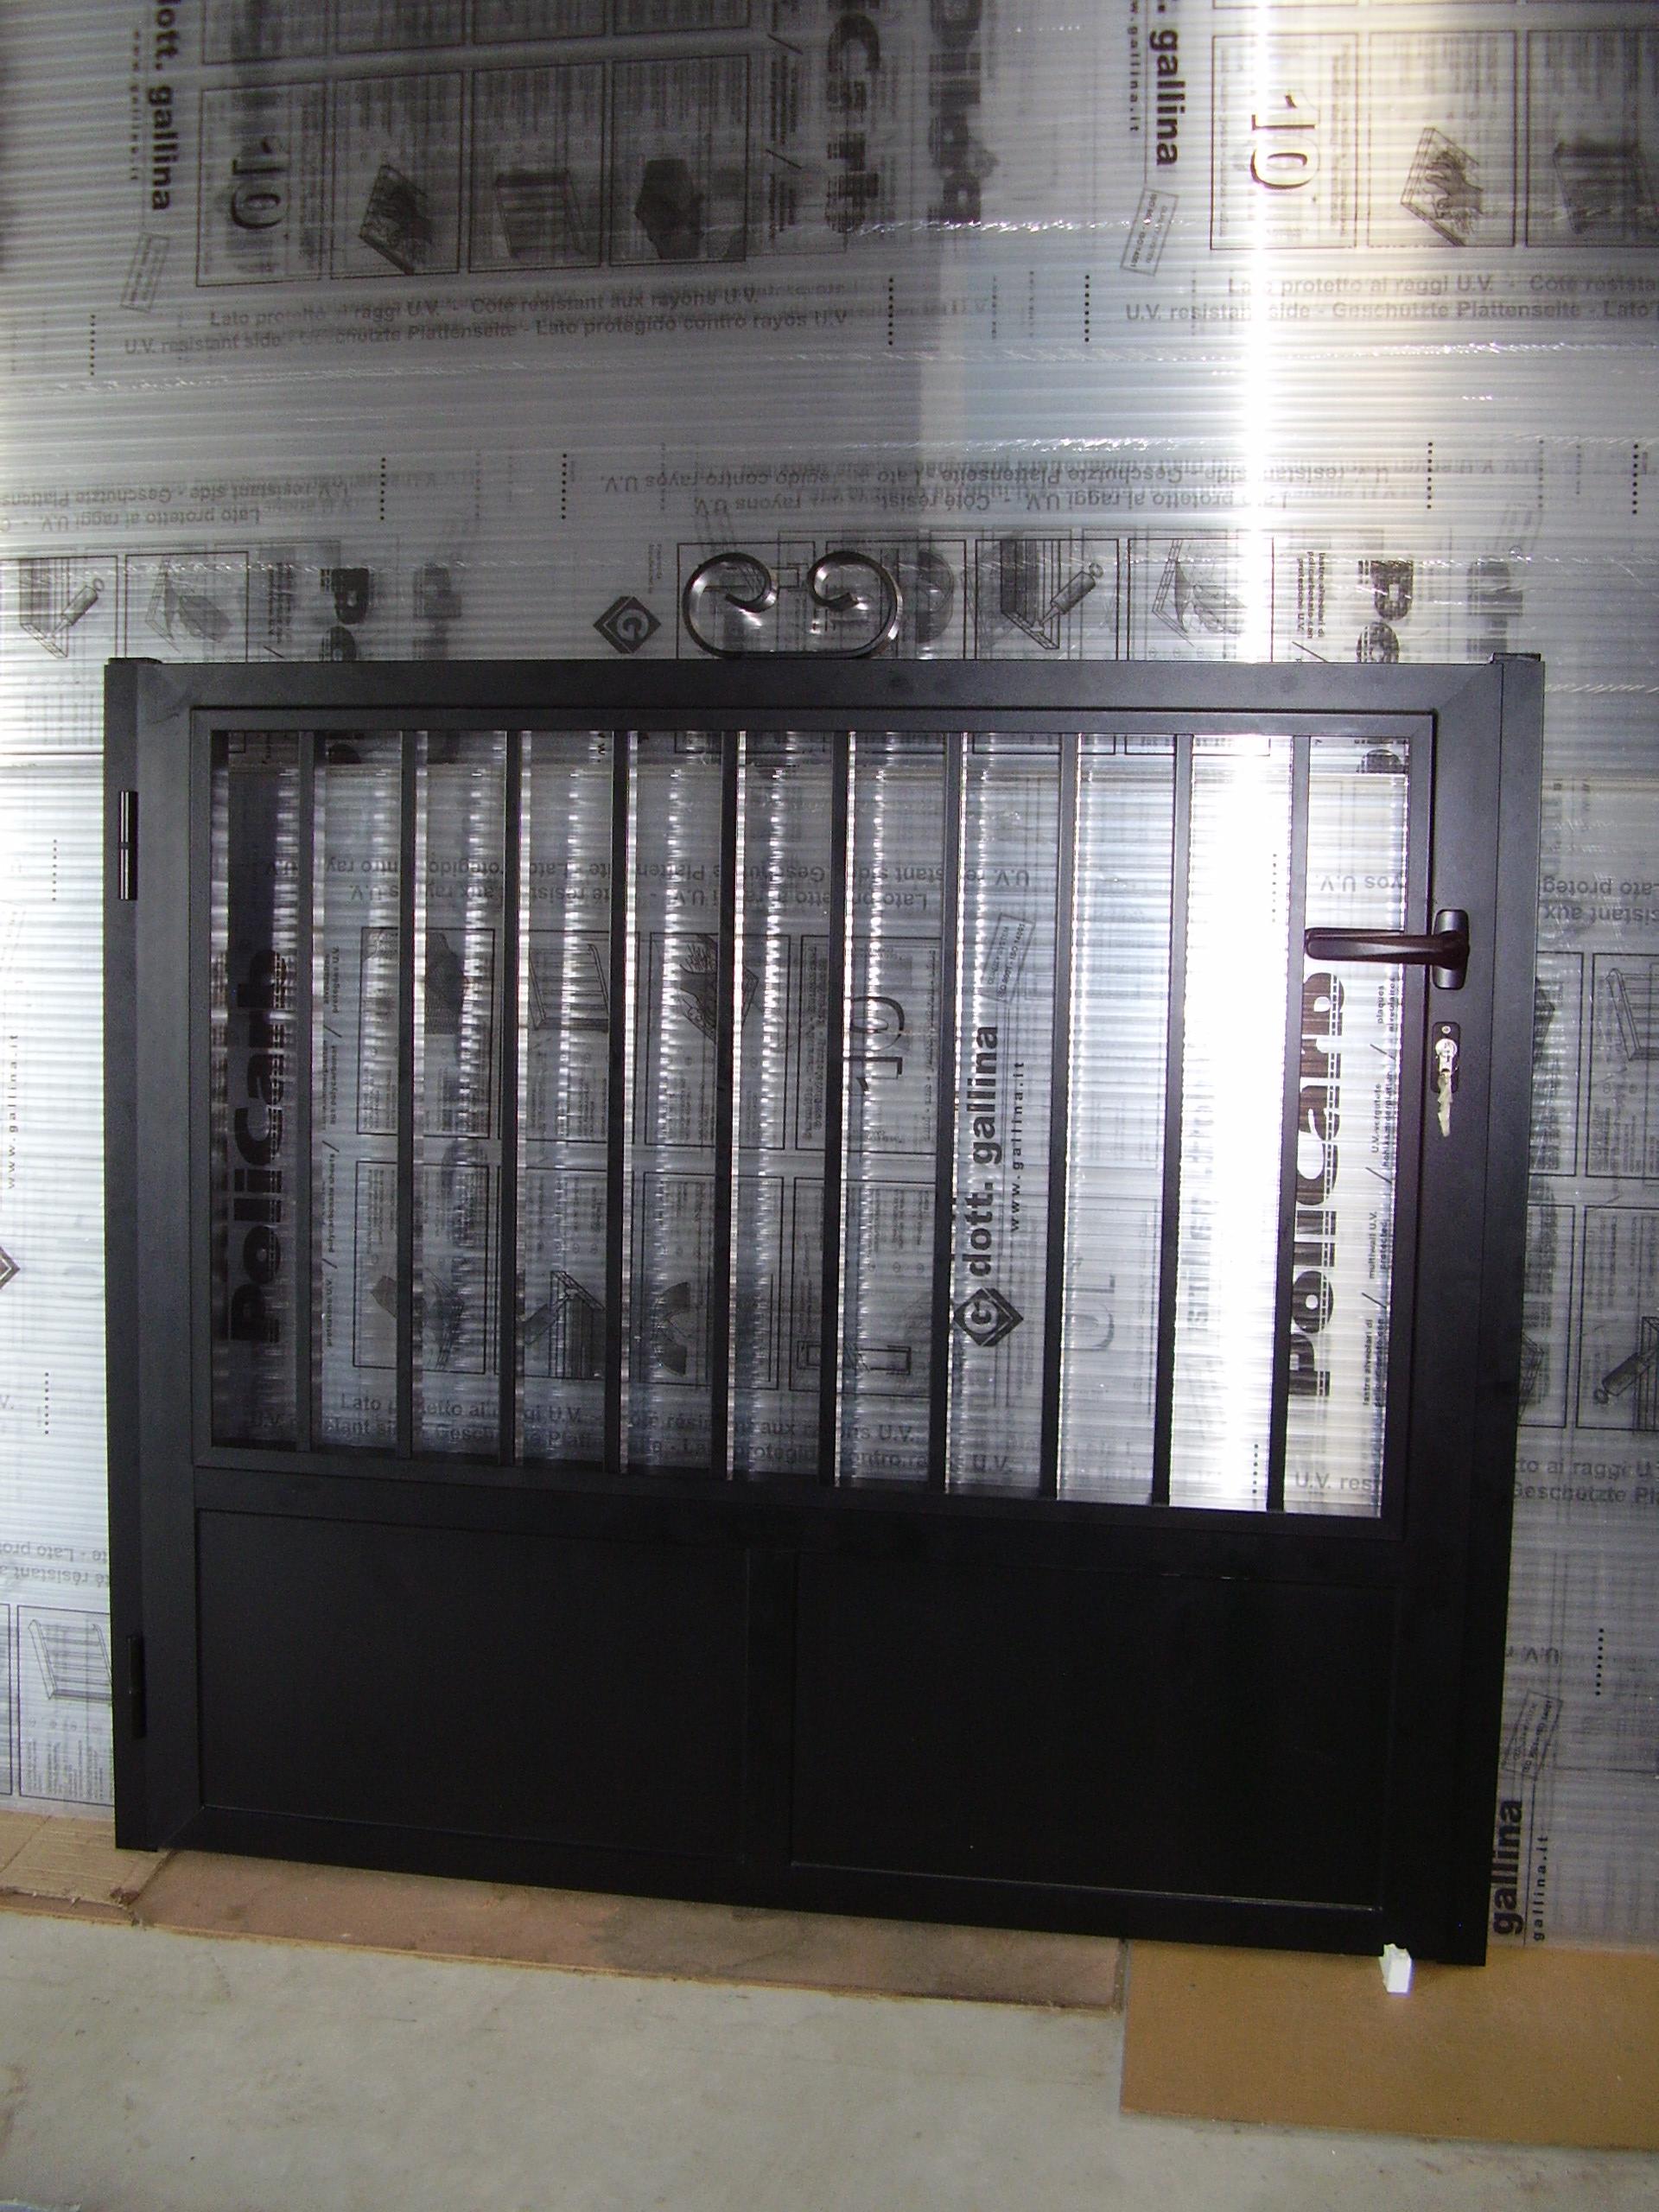 Puerta cancilla con entrepaño ciego tubos verticales en parte superior